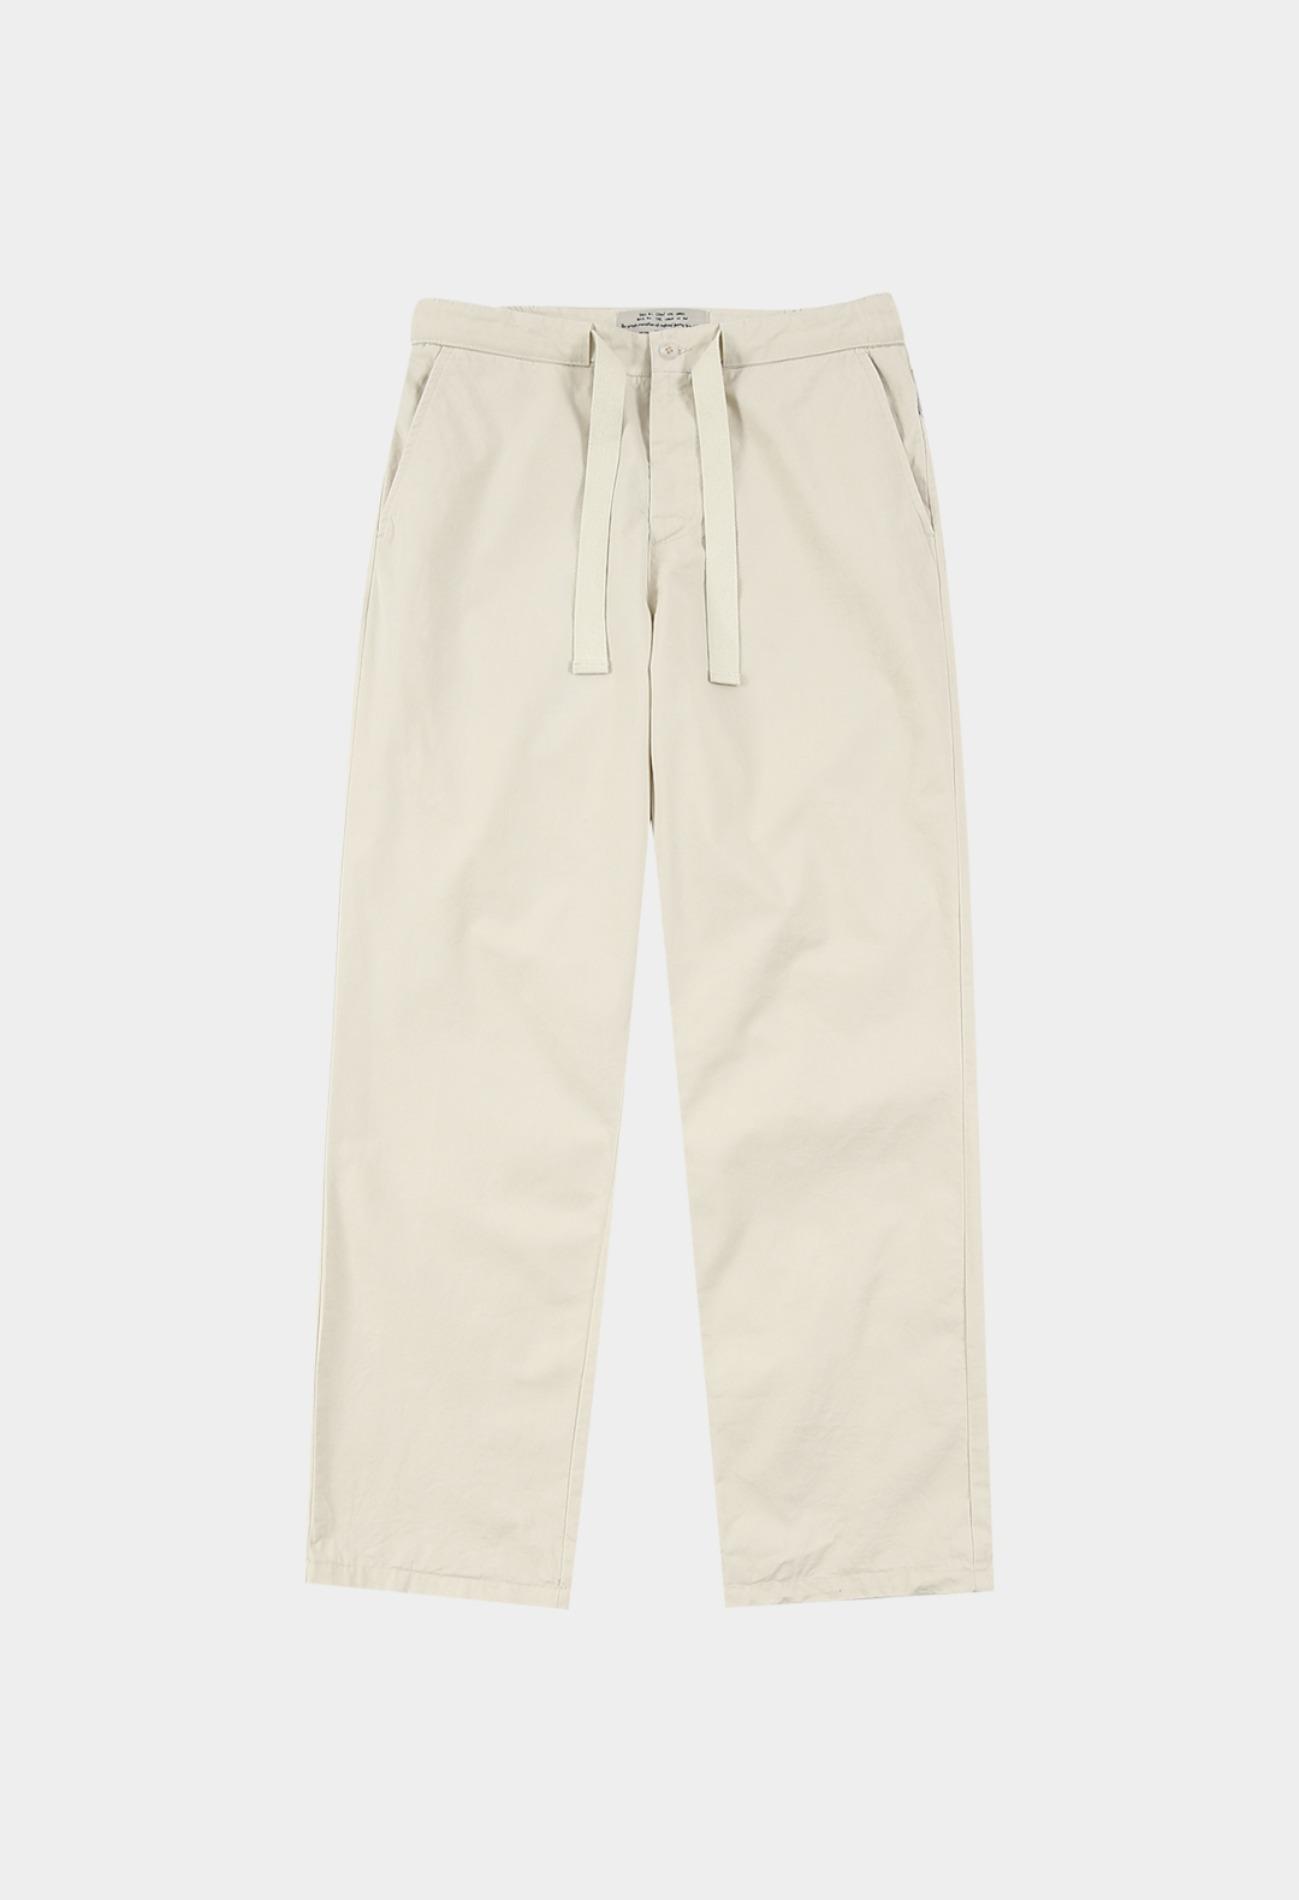 keek Banding Belted Pants - Ivory 스트릿패션 유니섹스브랜드 커플시밀러룩 남자쇼핑몰 여성의류쇼핑몰 후드티 힙색